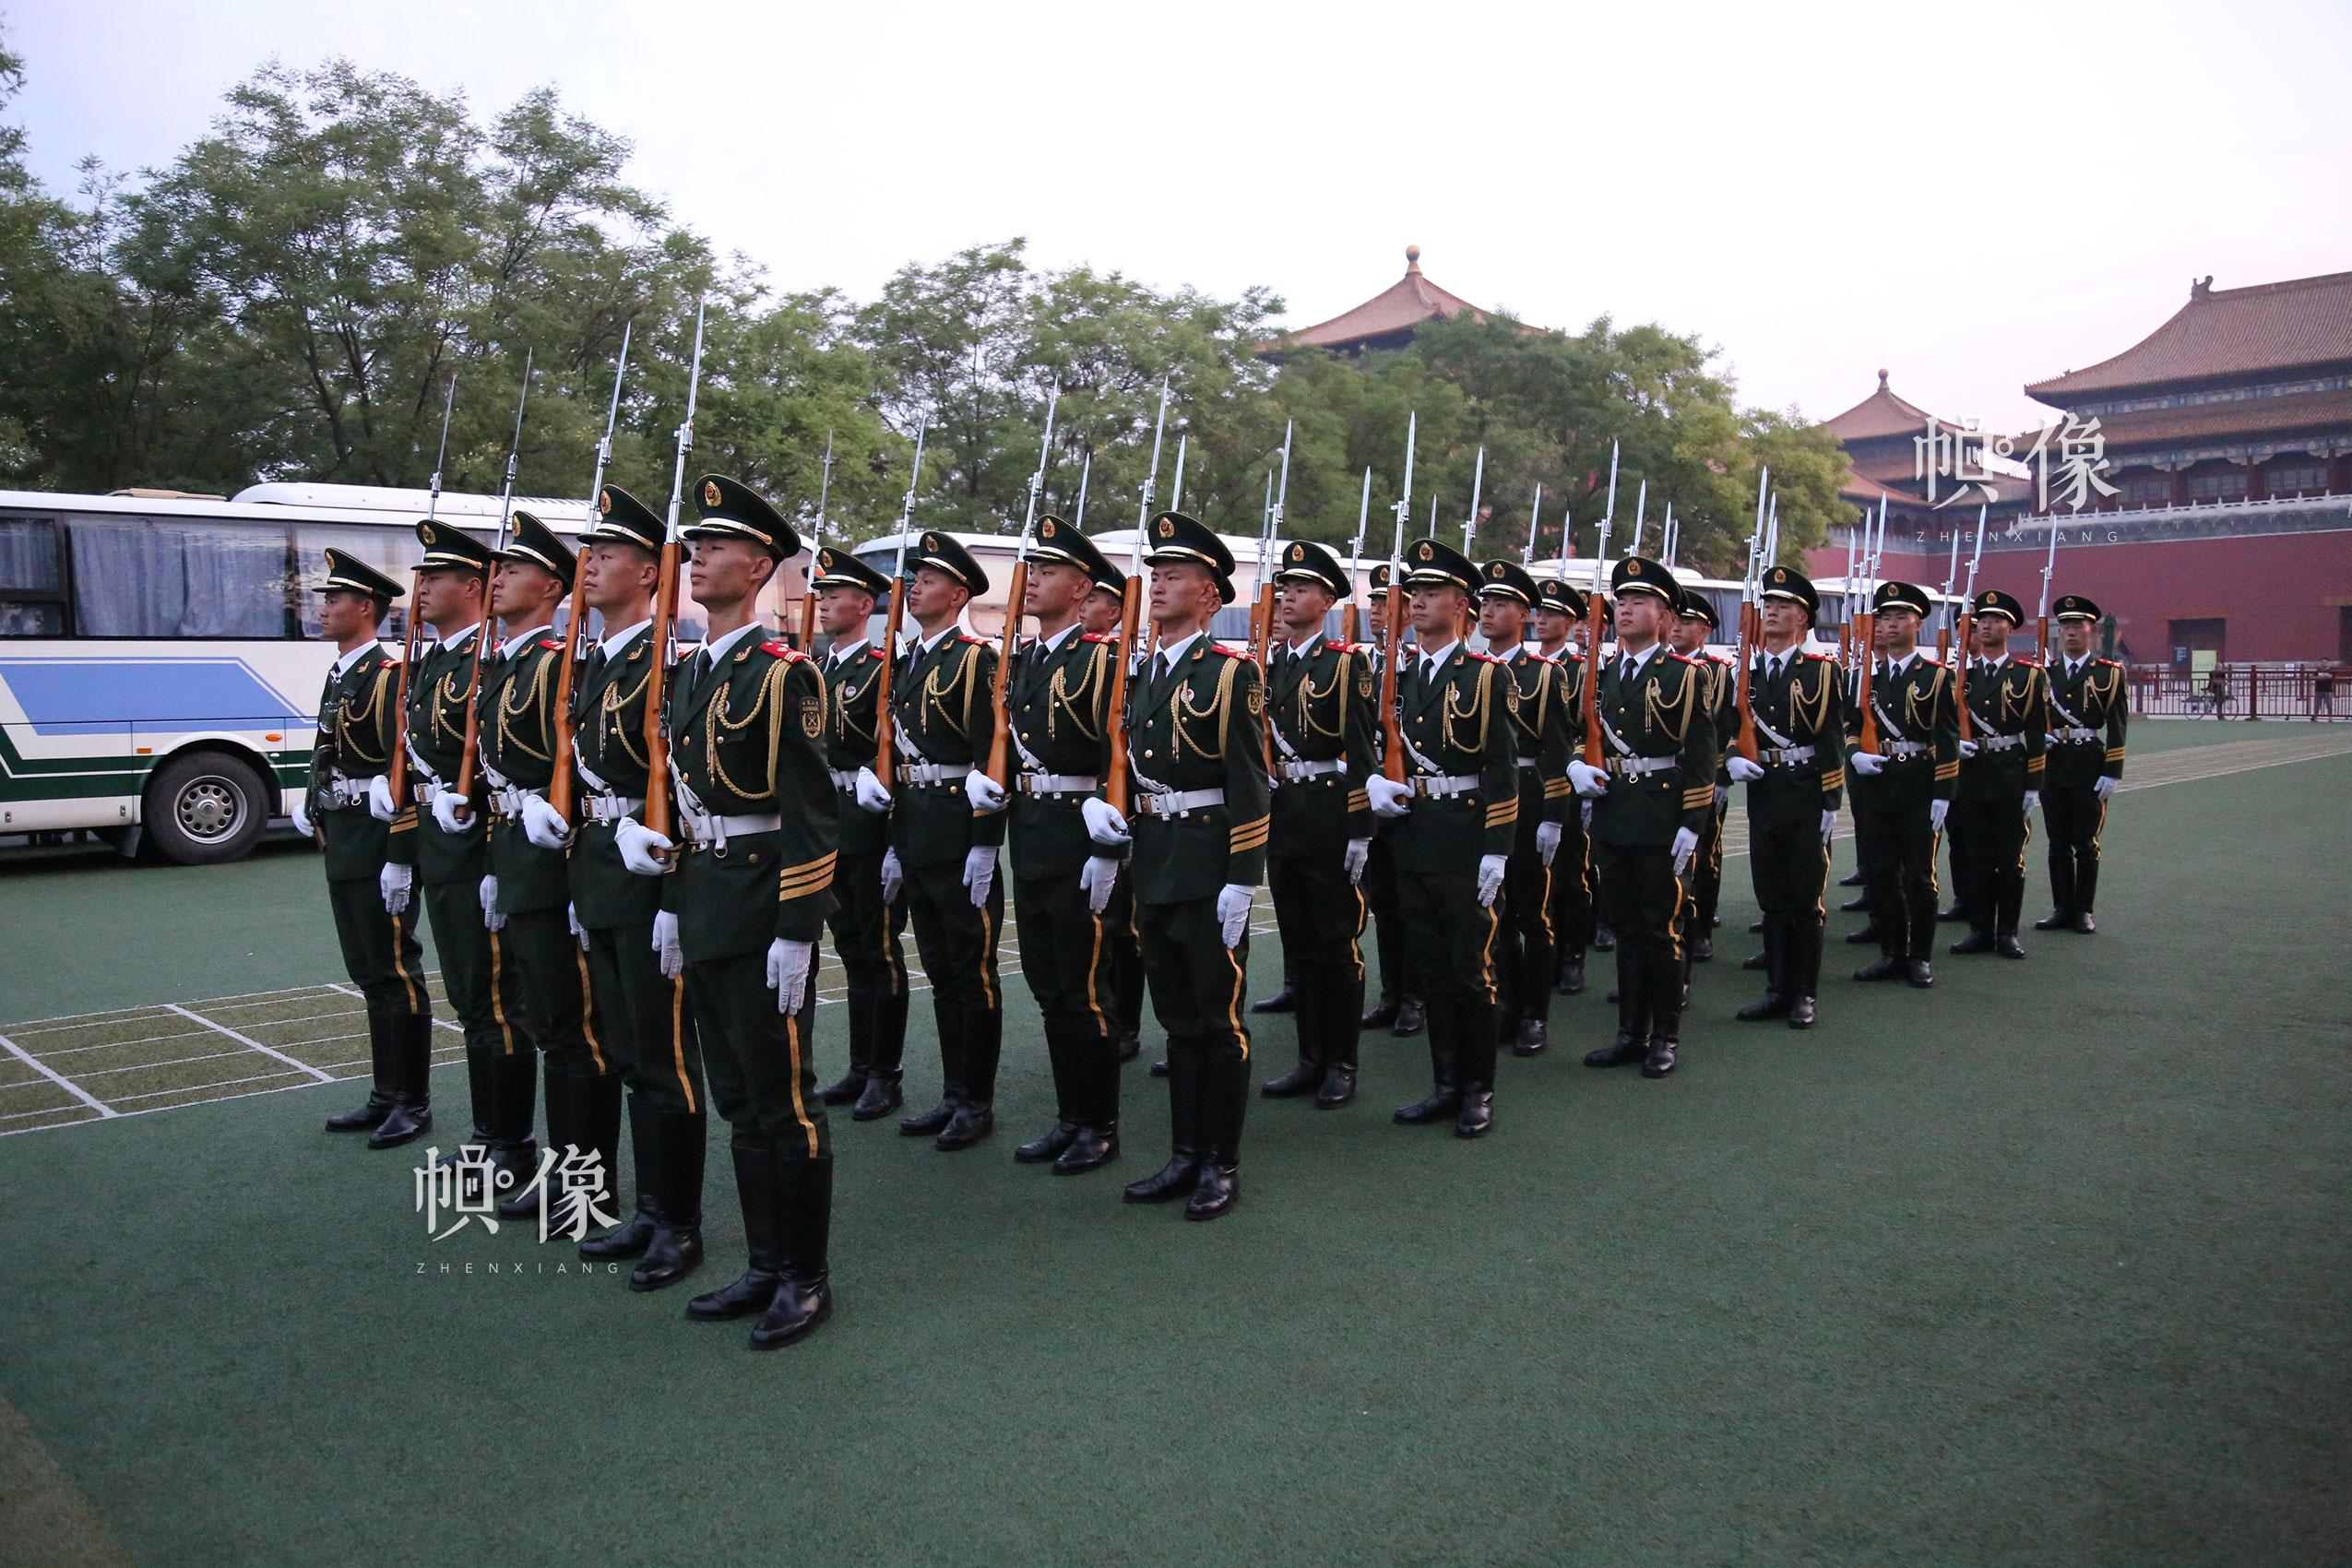 2017年7月28日,北京,国旗护卫队员进行操枪训练。 中国网记者 黄富友 摄